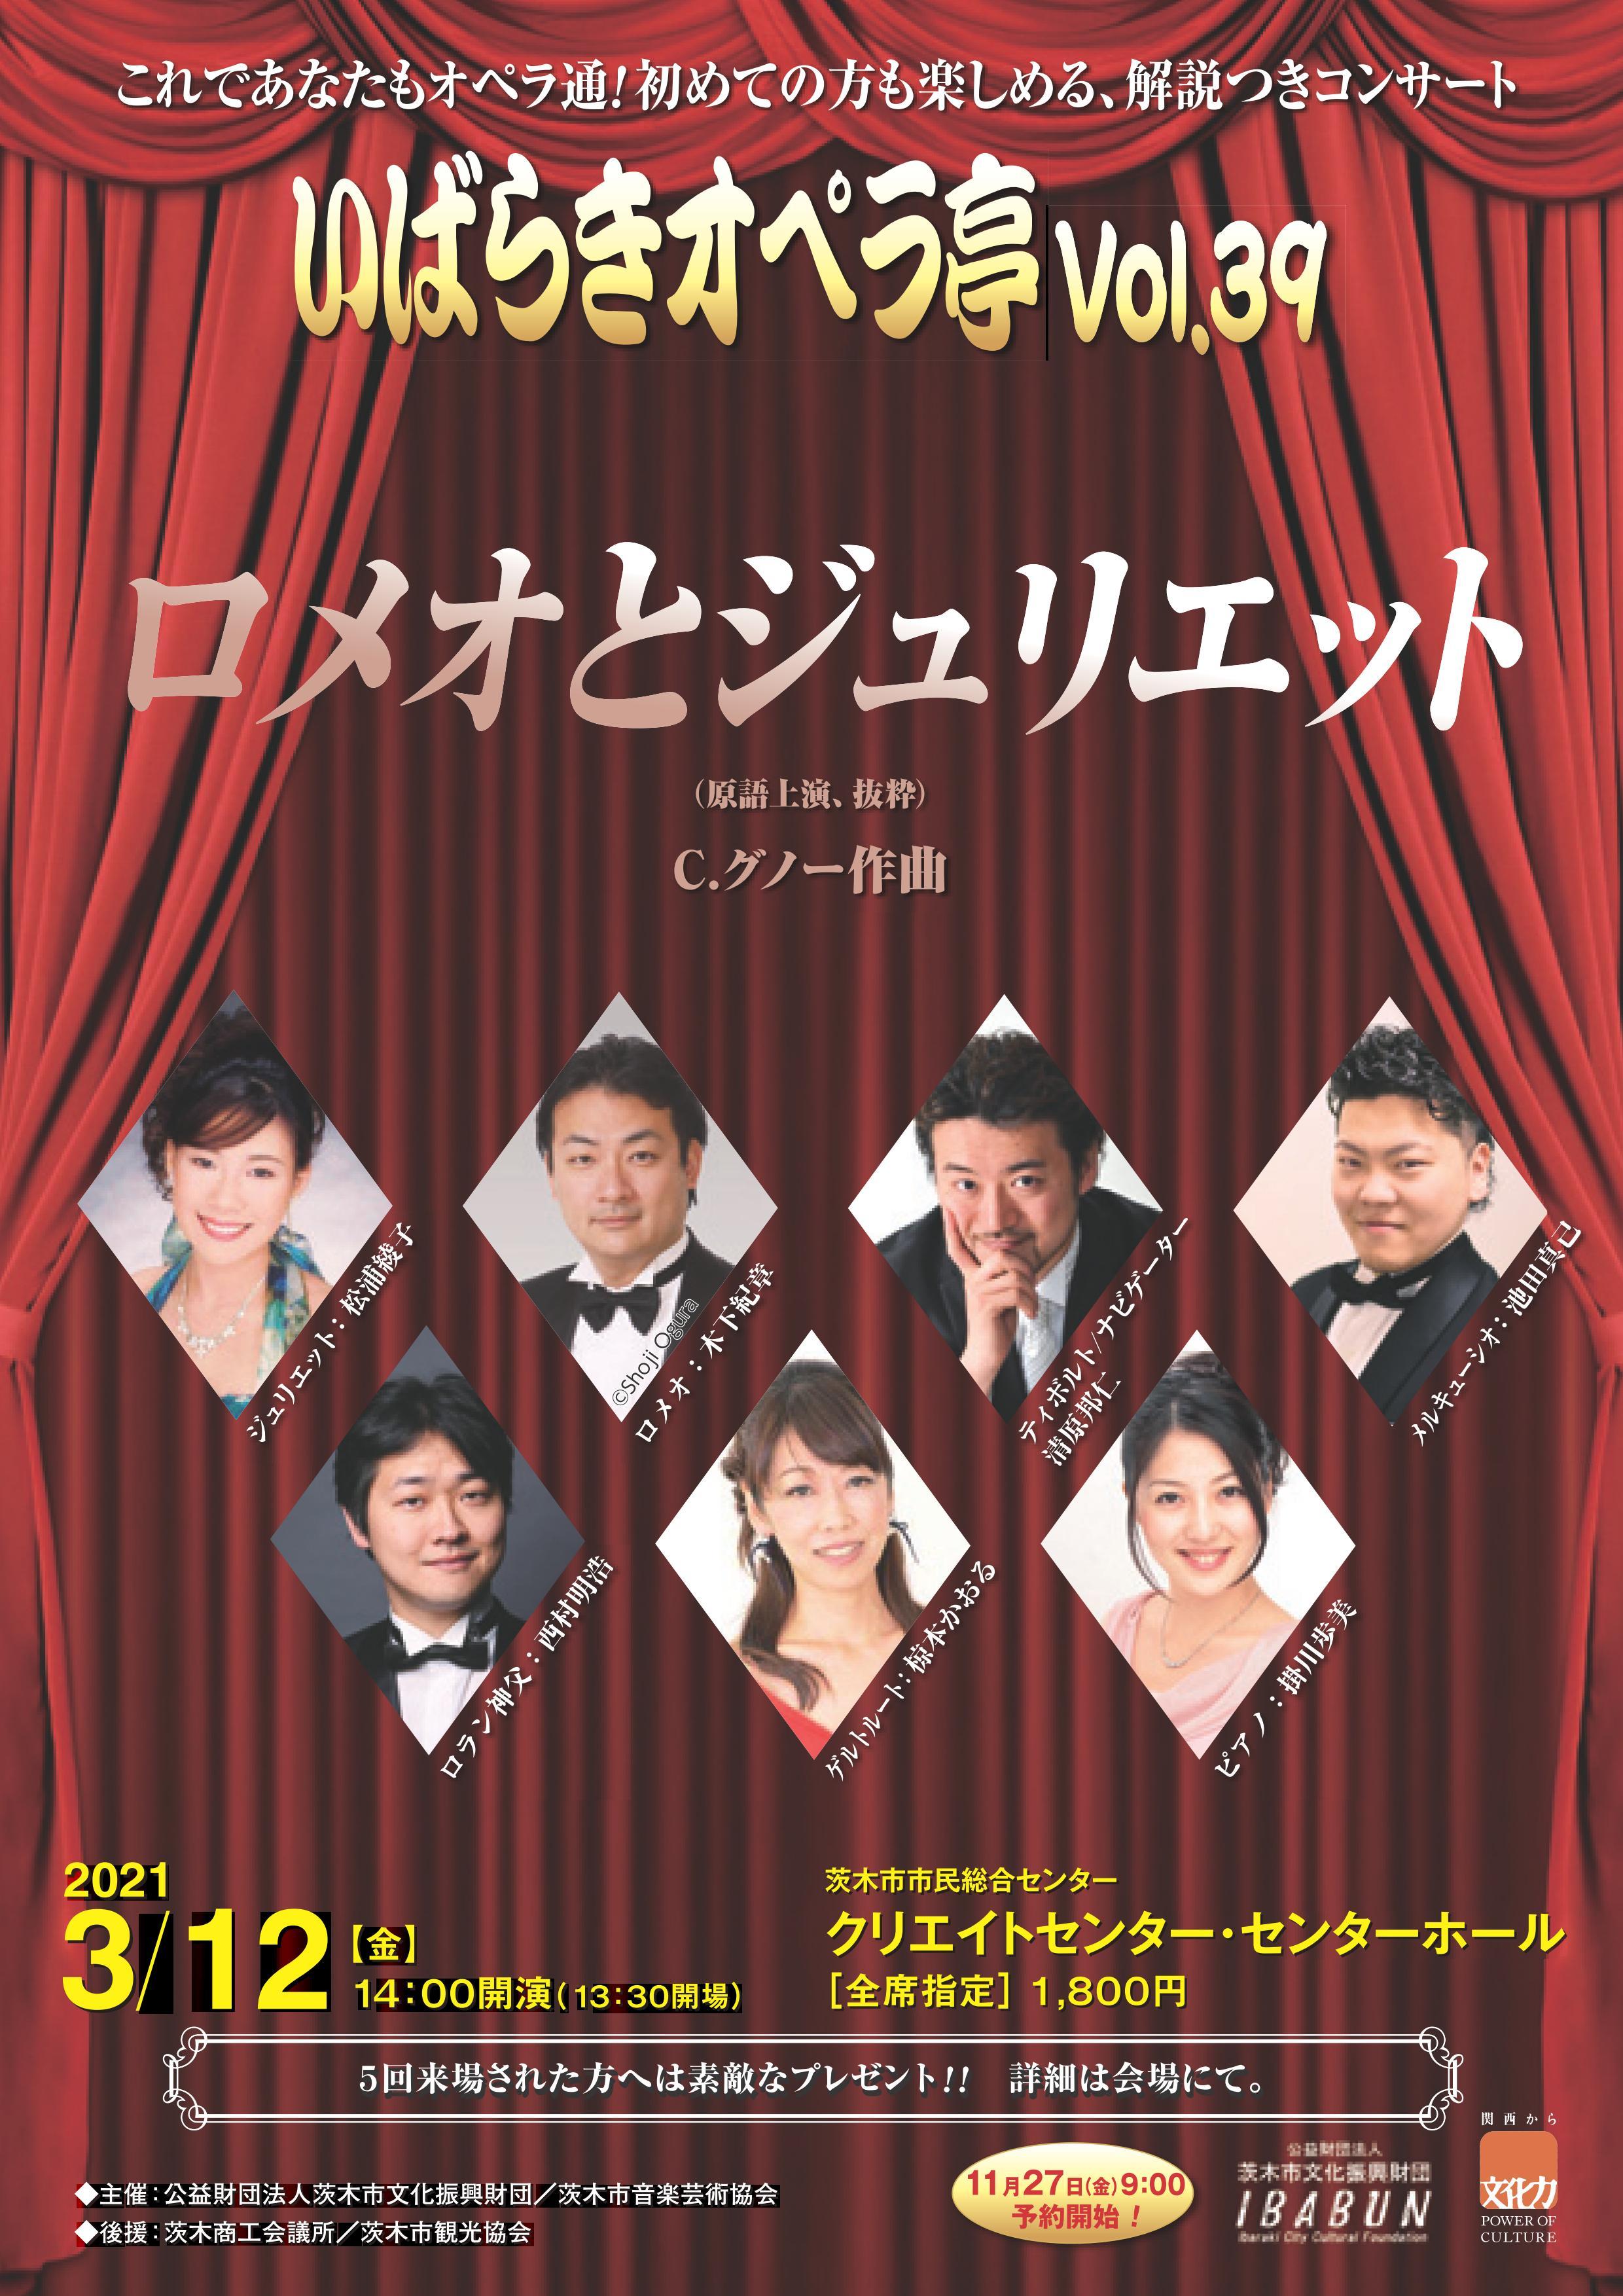 いばらきオペラ亭Vol.39ロメオとジュリエット